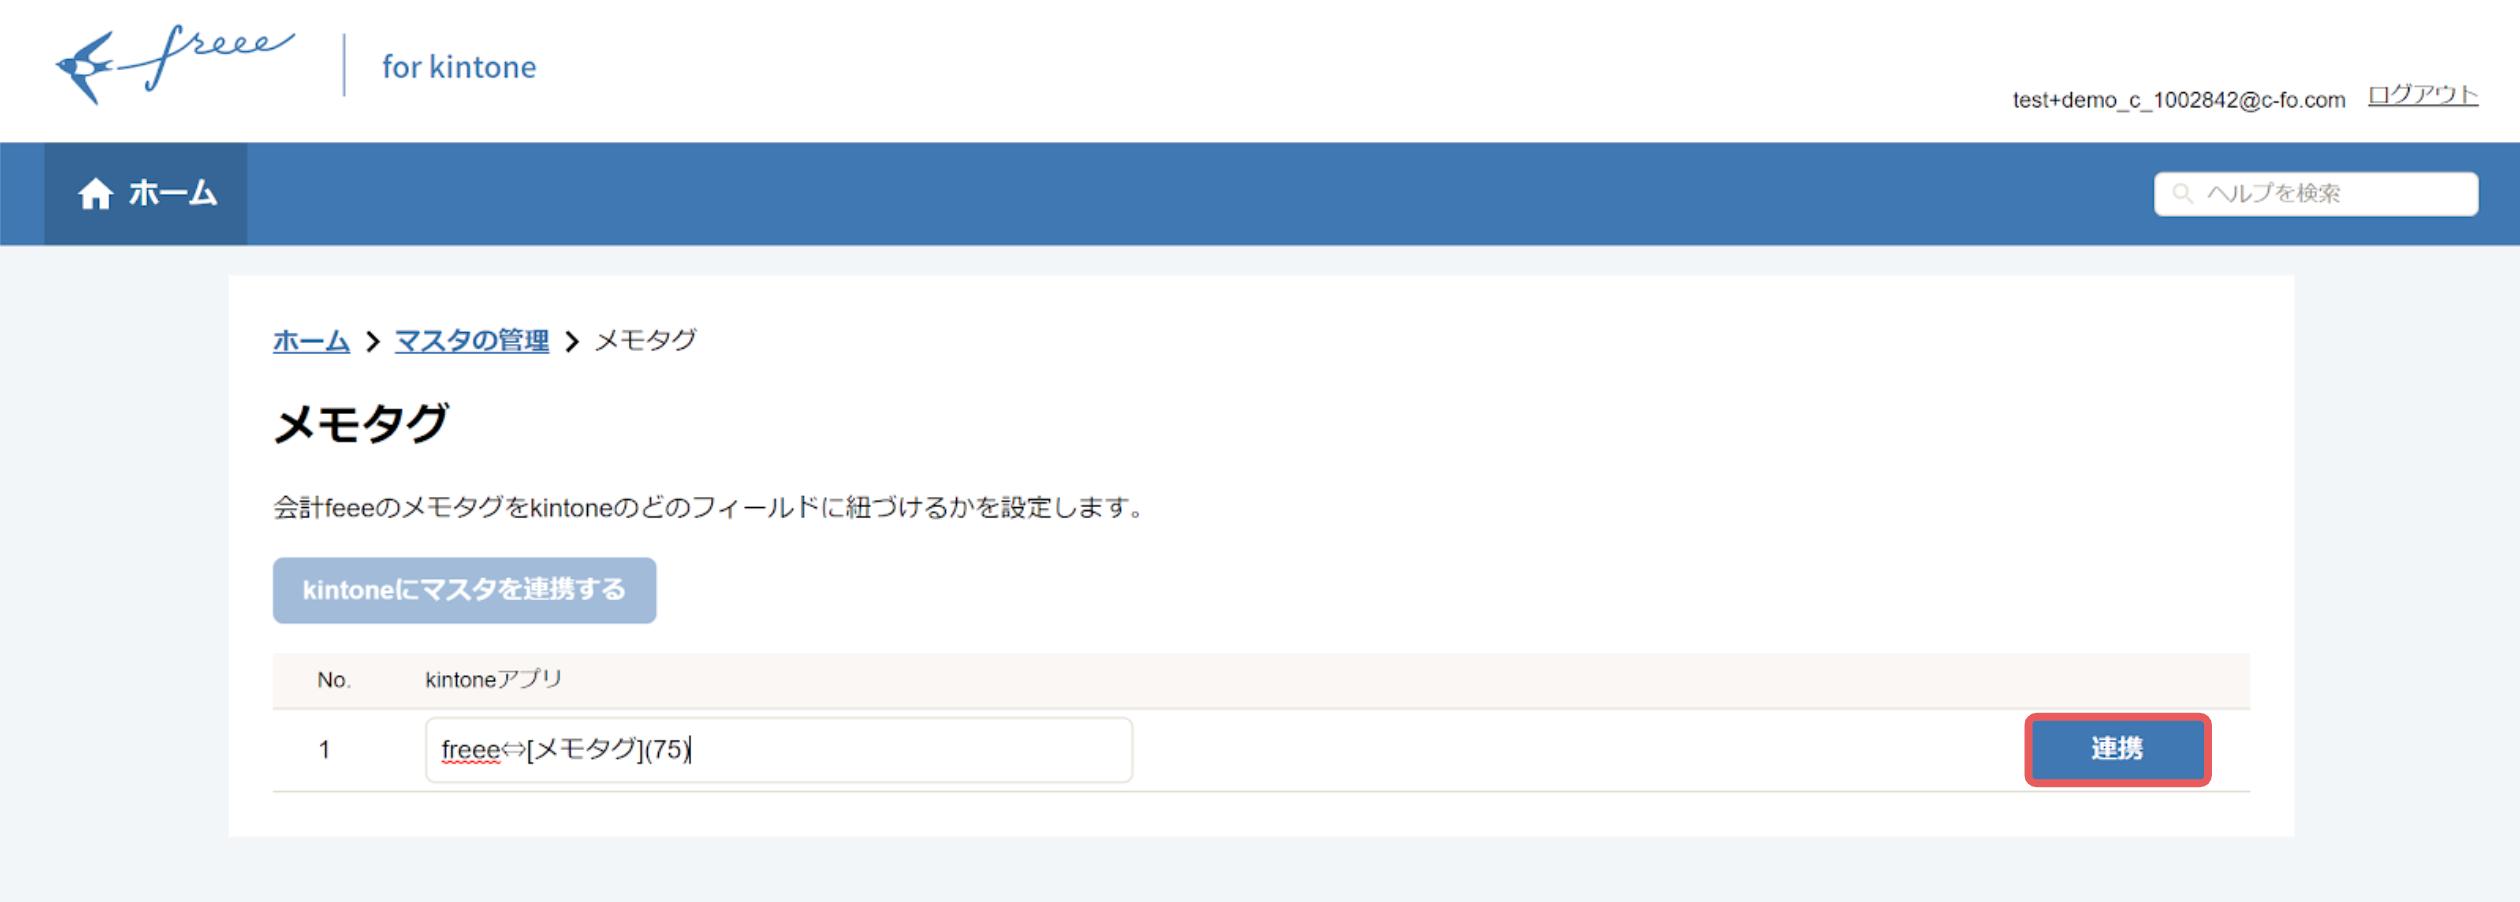 Screen_Shot_2020-07-09_at_16.37.05.png